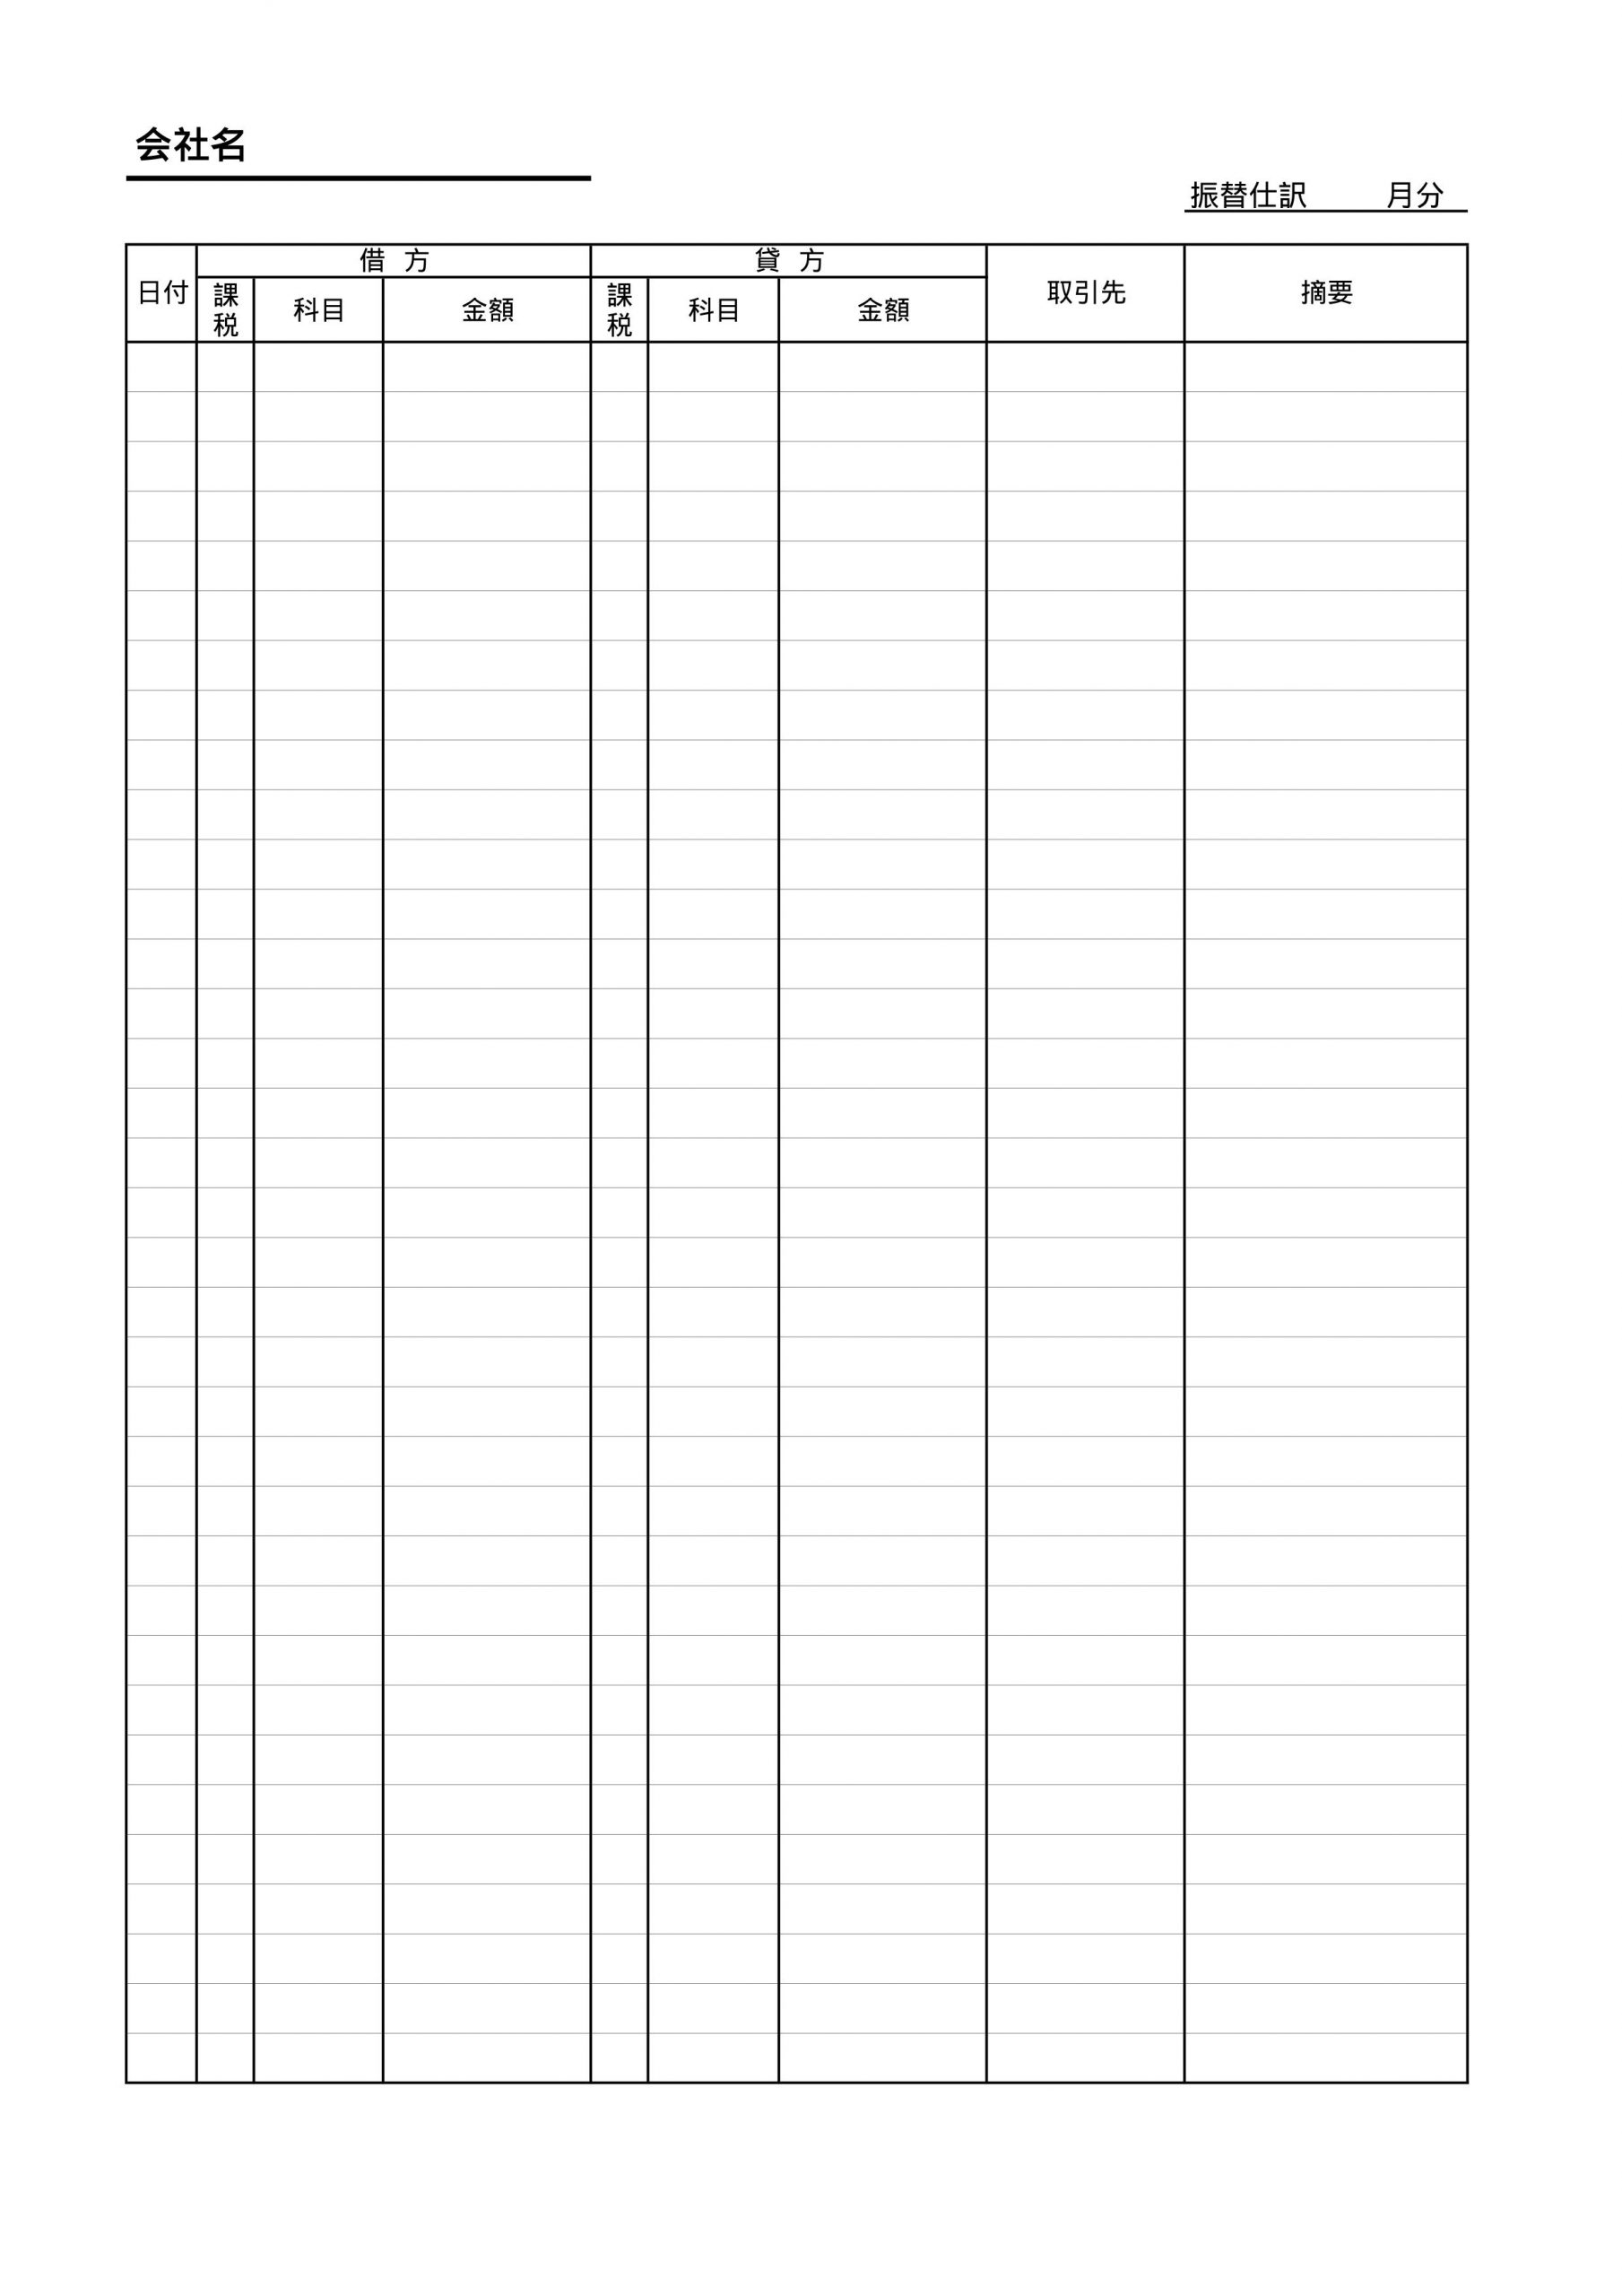 振替仕訳帳の例